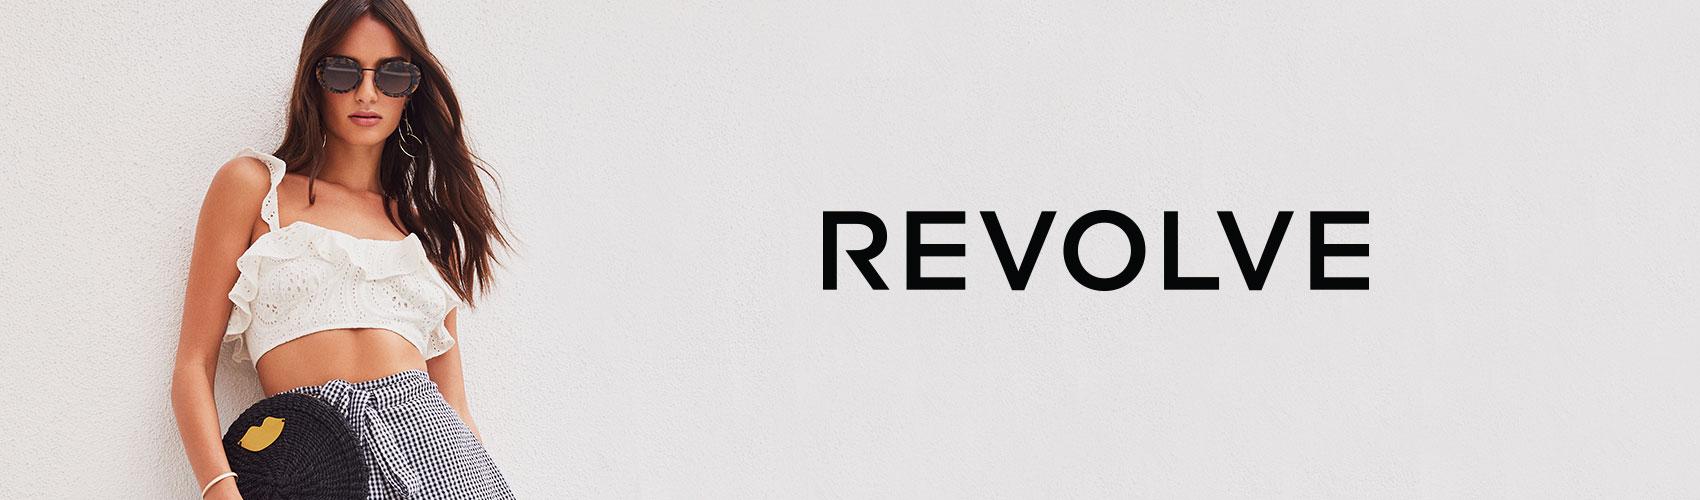 Revolve Spring - 1700x500